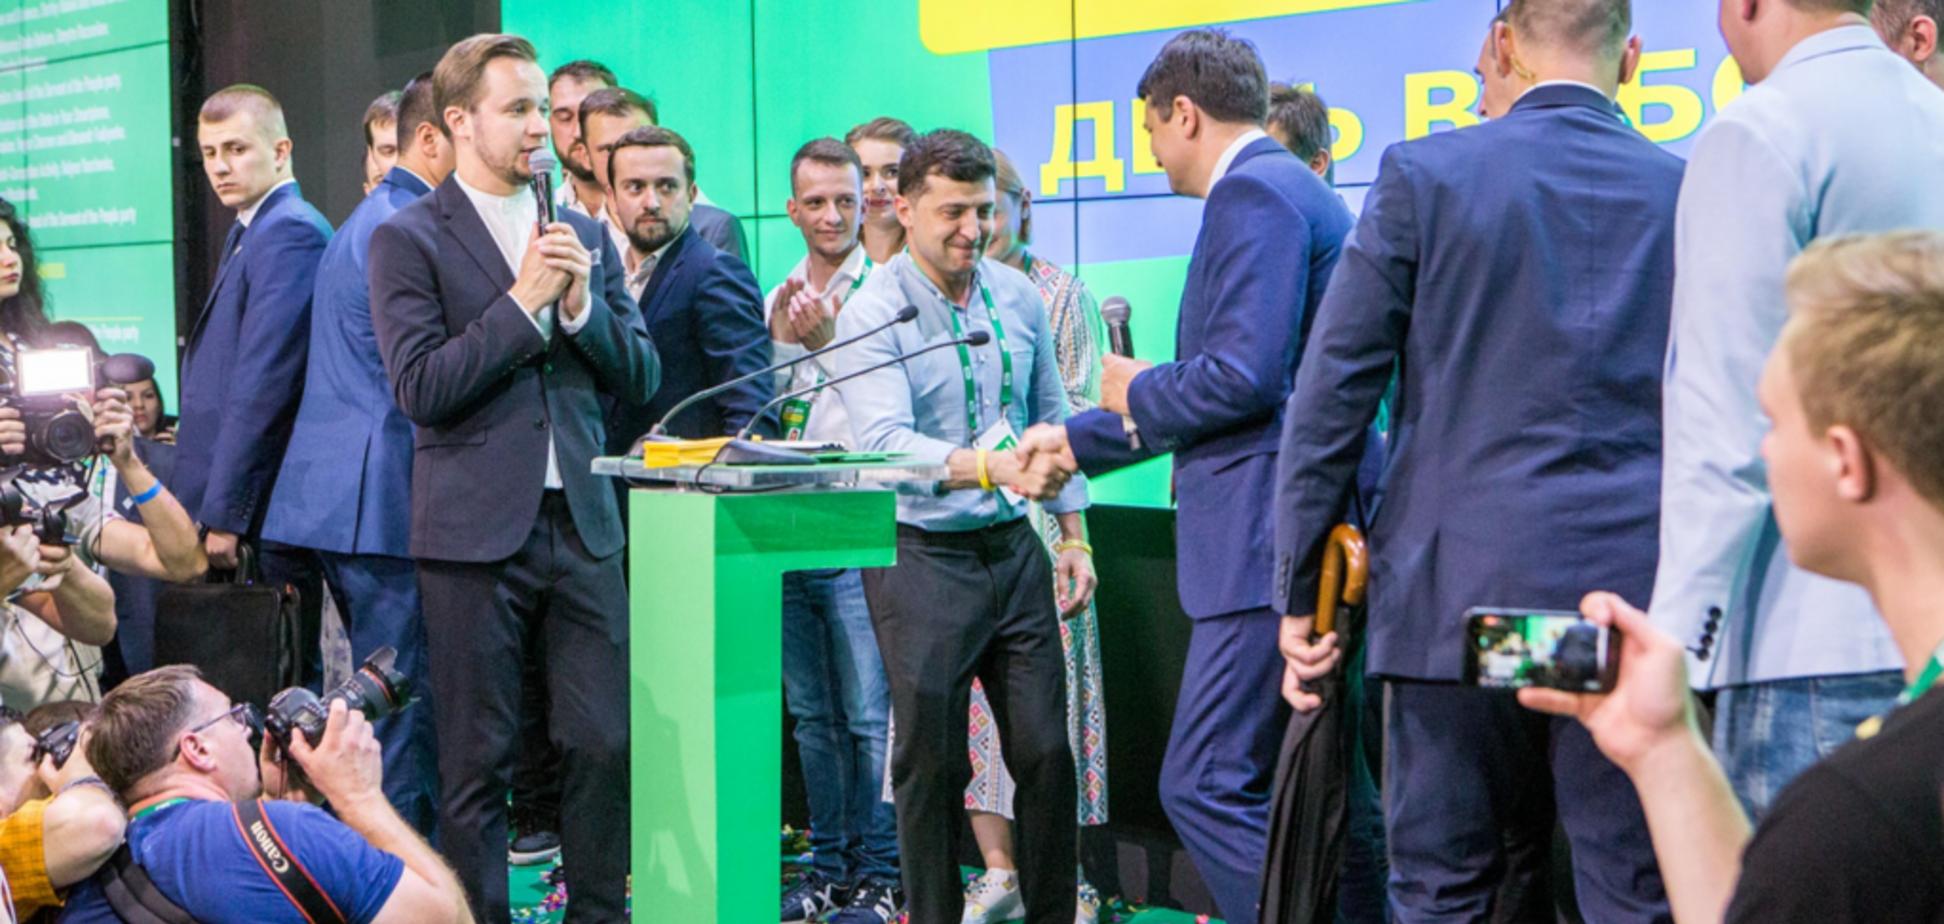 У Зеленського зважилися на дострокові місцеві вибори: Разумков не згоден